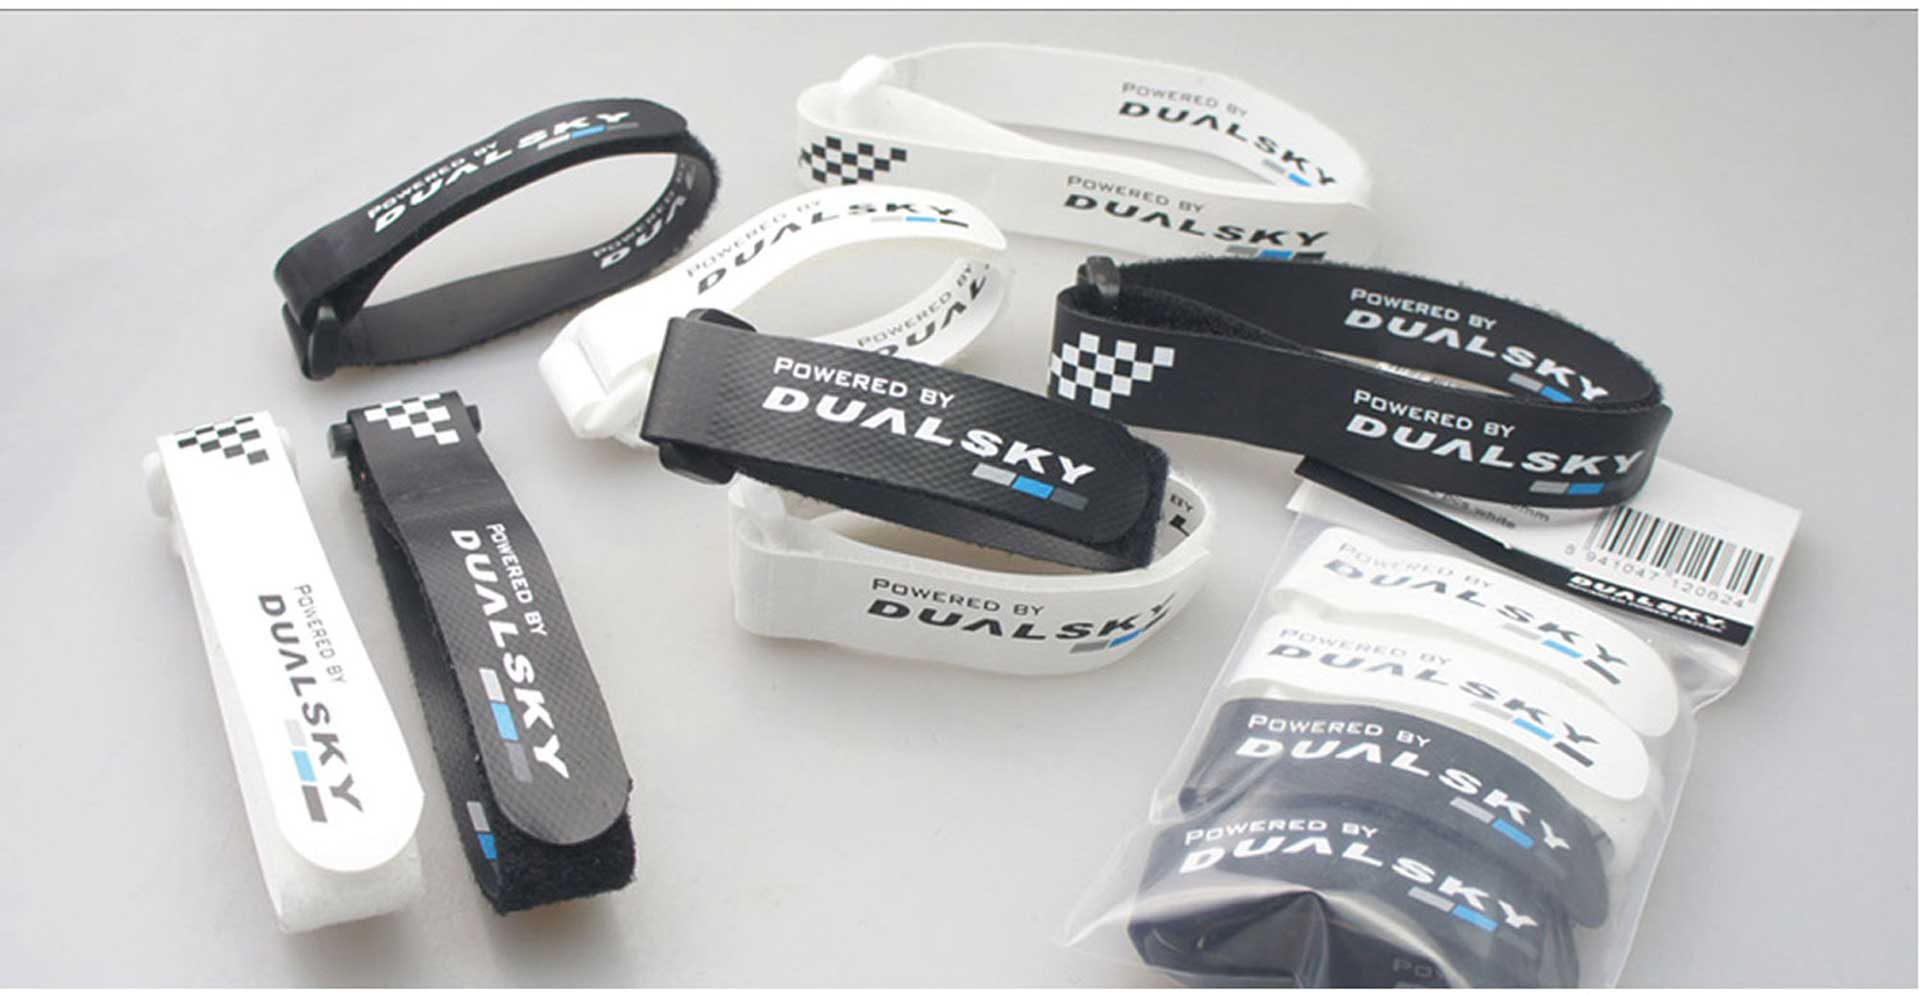 DUALSKY BATTERY FASTENER V2 280MM BATTERY VELCRO 2PCS. WHITE, 2STK. BLACK